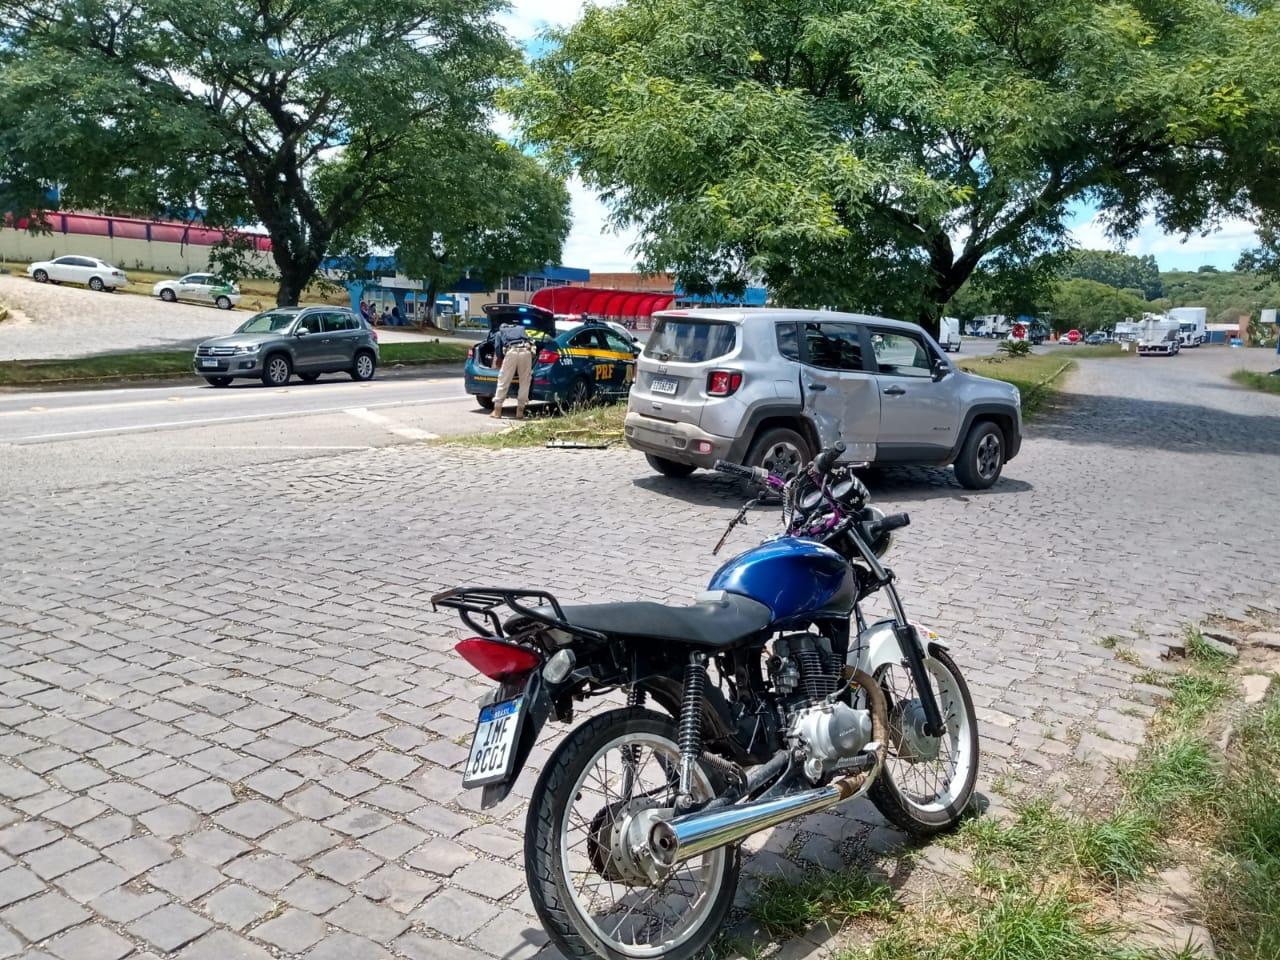 Motociclista fica ferido em acidente na BR-470, em Garibaldi